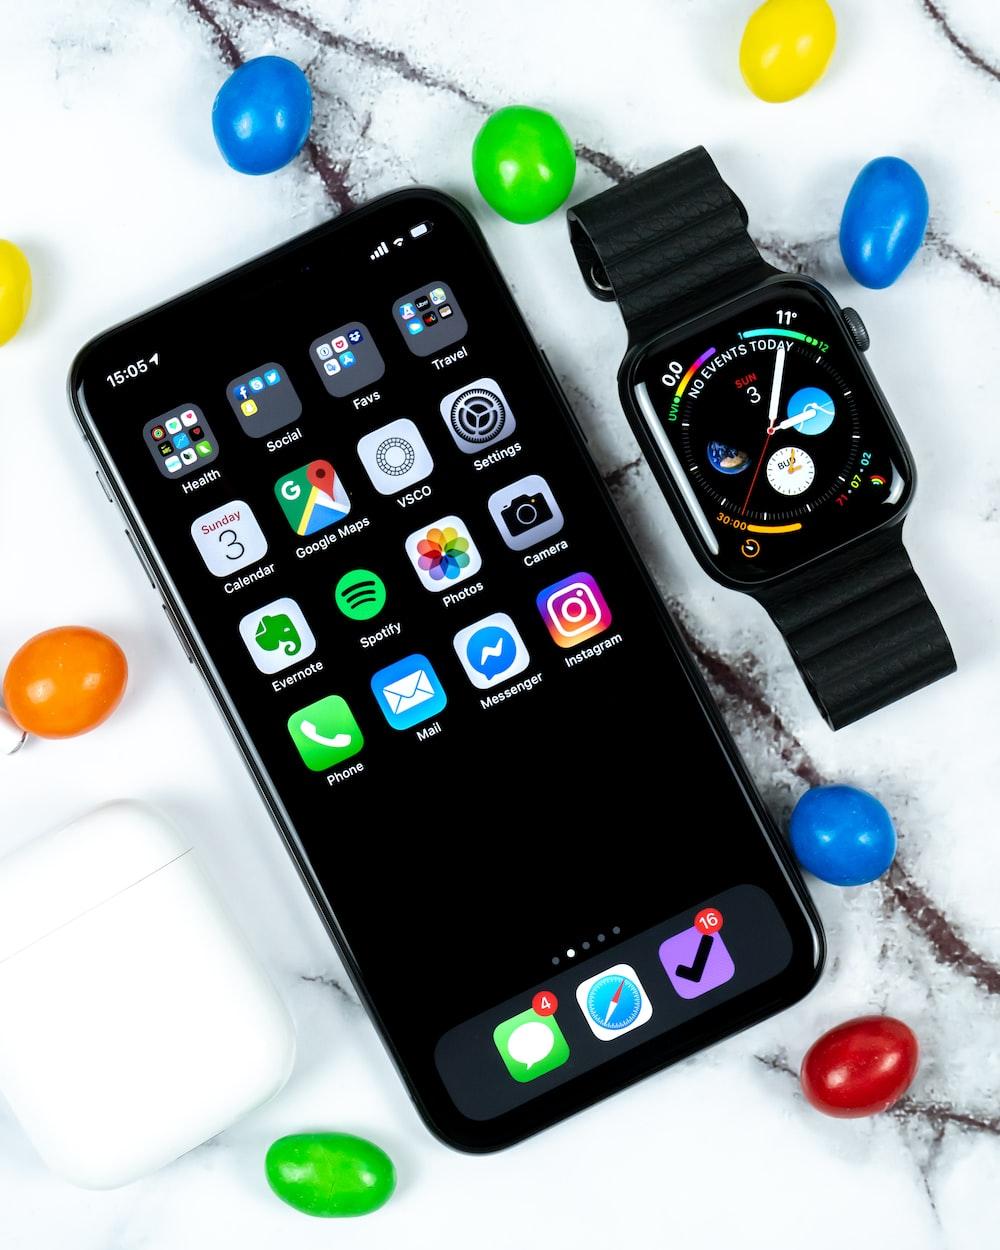 Apple watch beside iPhone